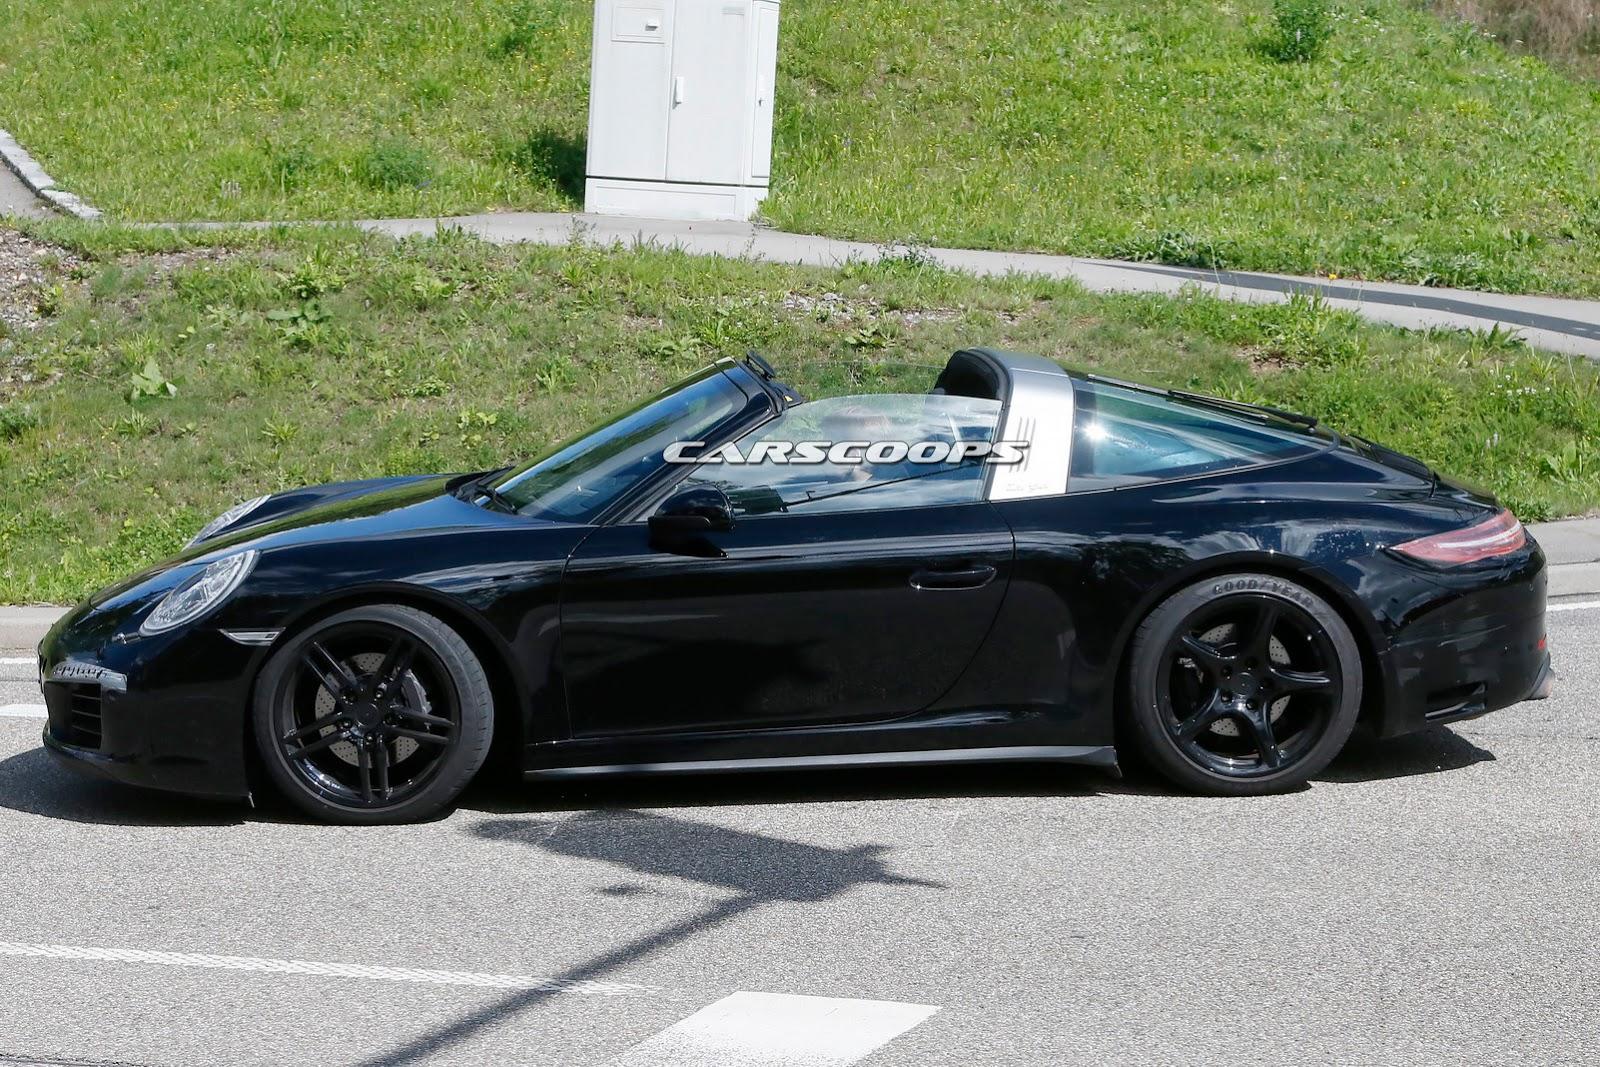 porsche spied testing facelifted 911 targa could get gts. Black Bedroom Furniture Sets. Home Design Ideas